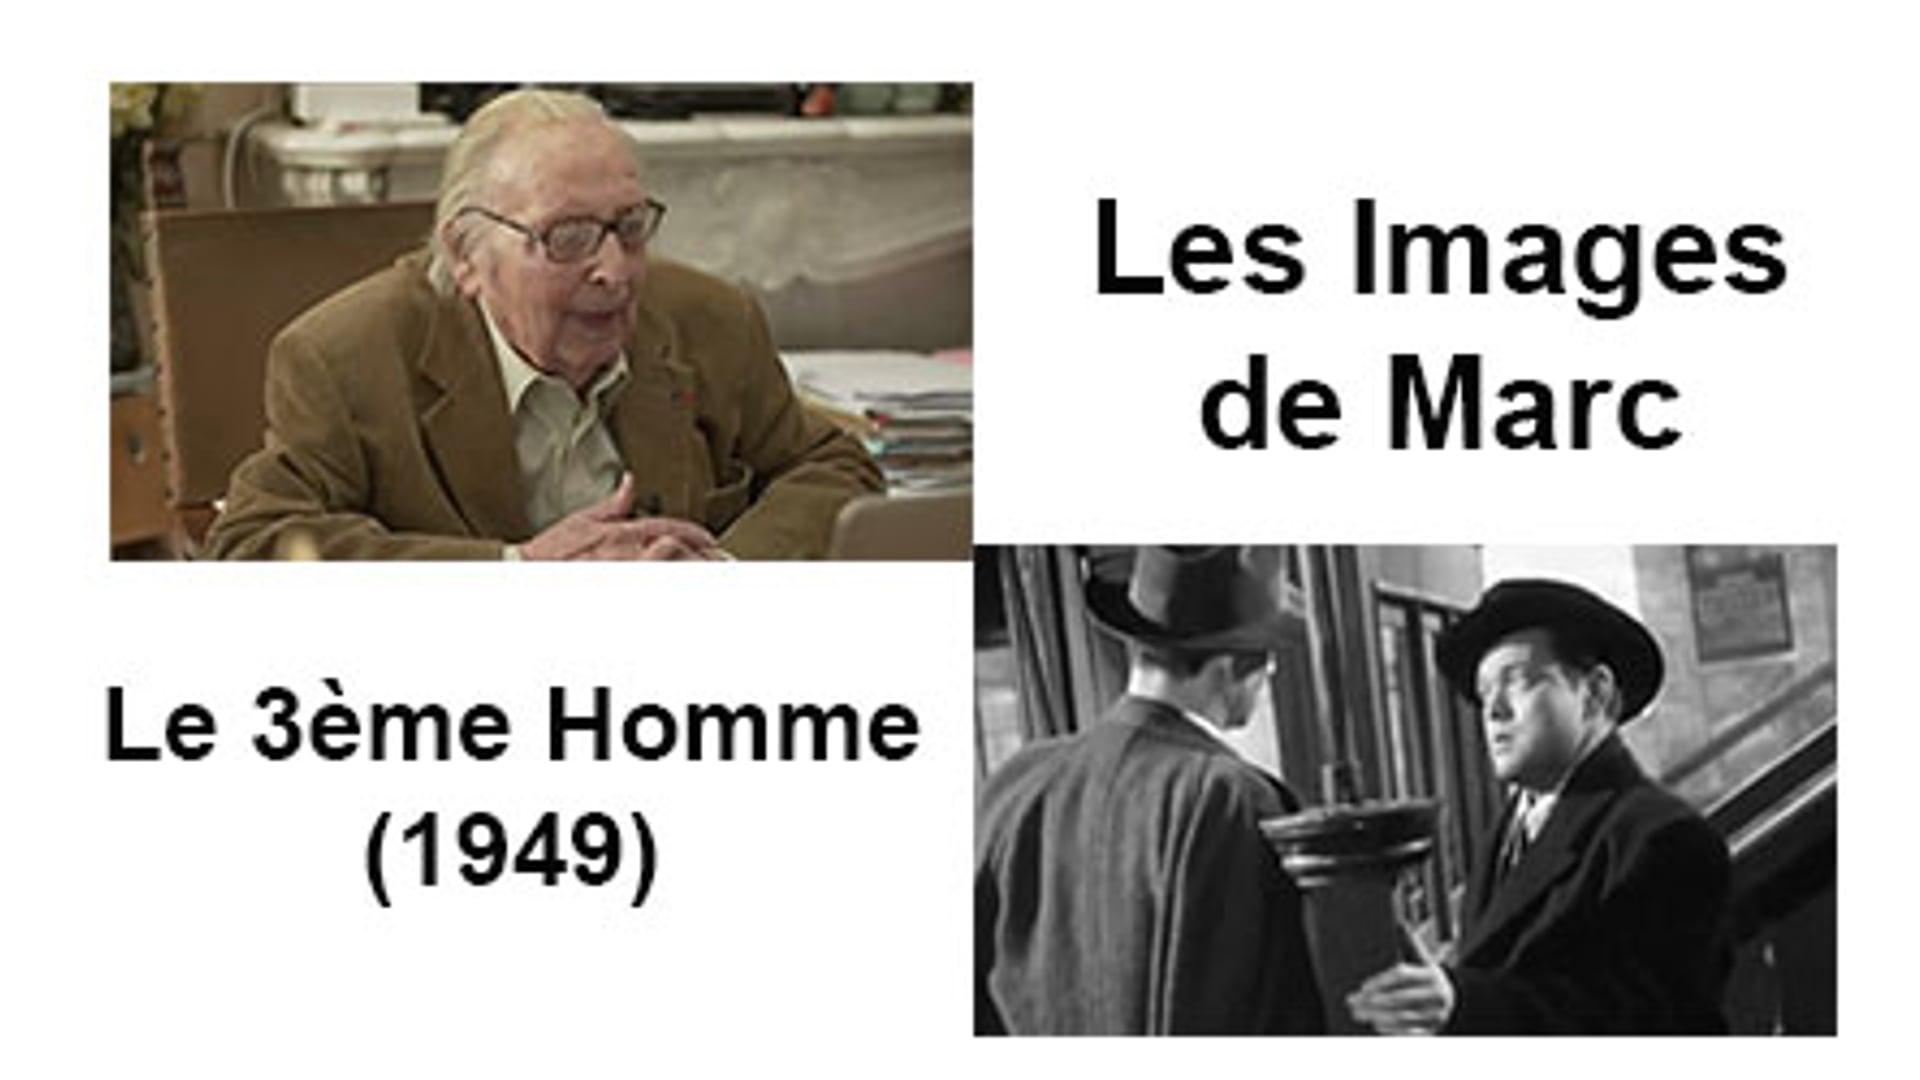 Le 3ème Homme (1949)